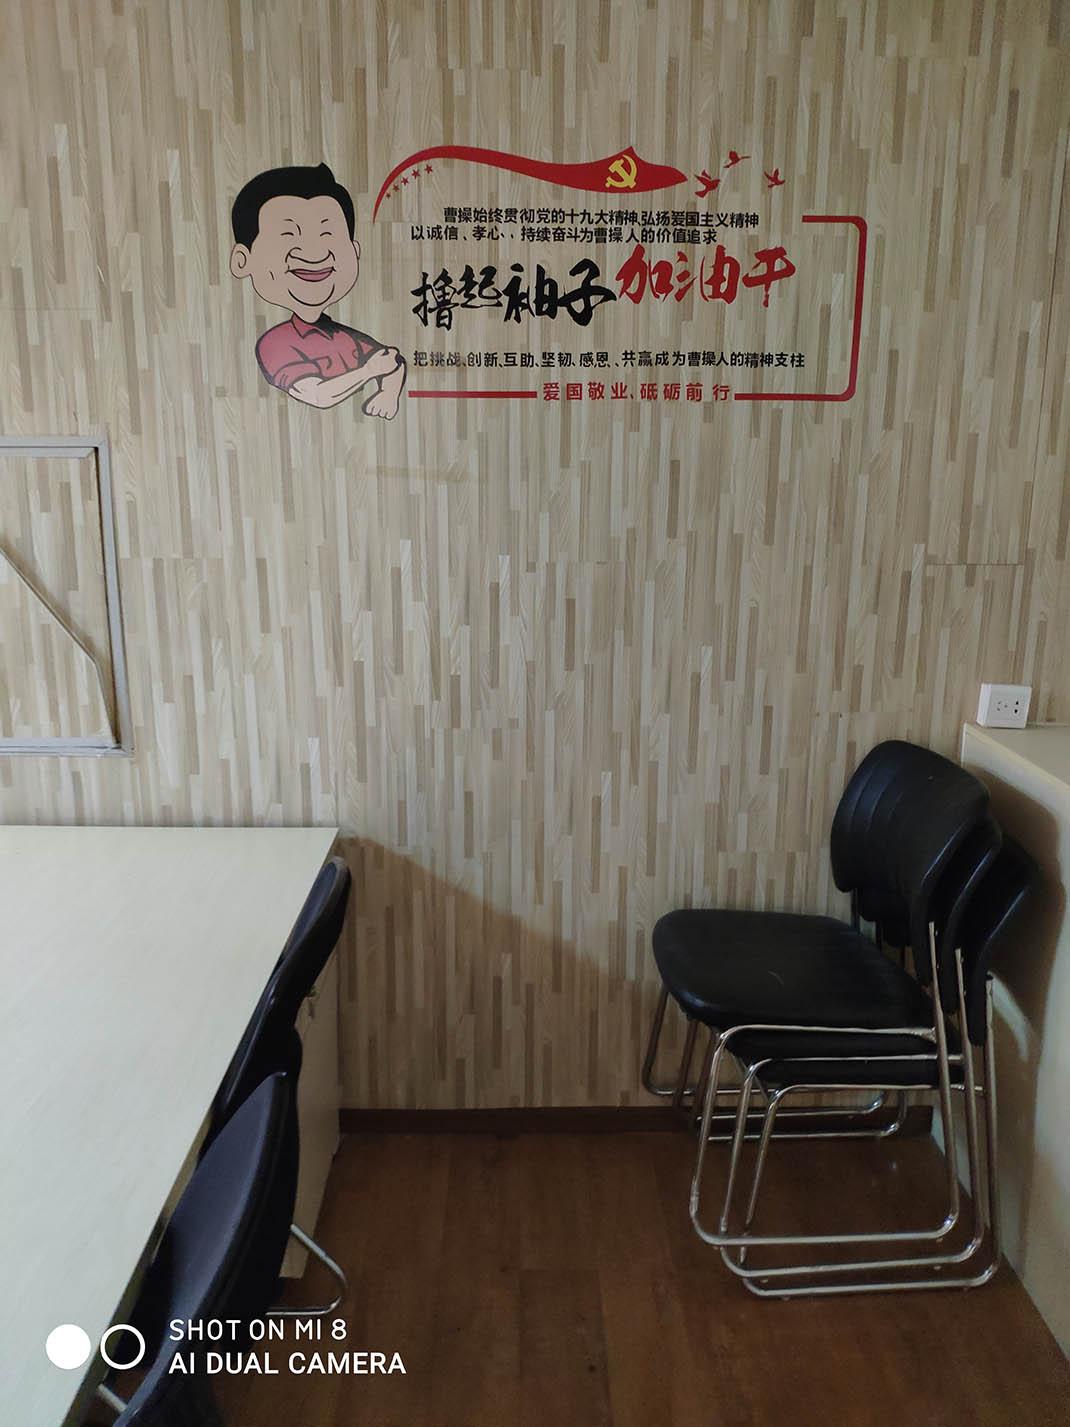 北京仟亿科技有限公司-004.jpg